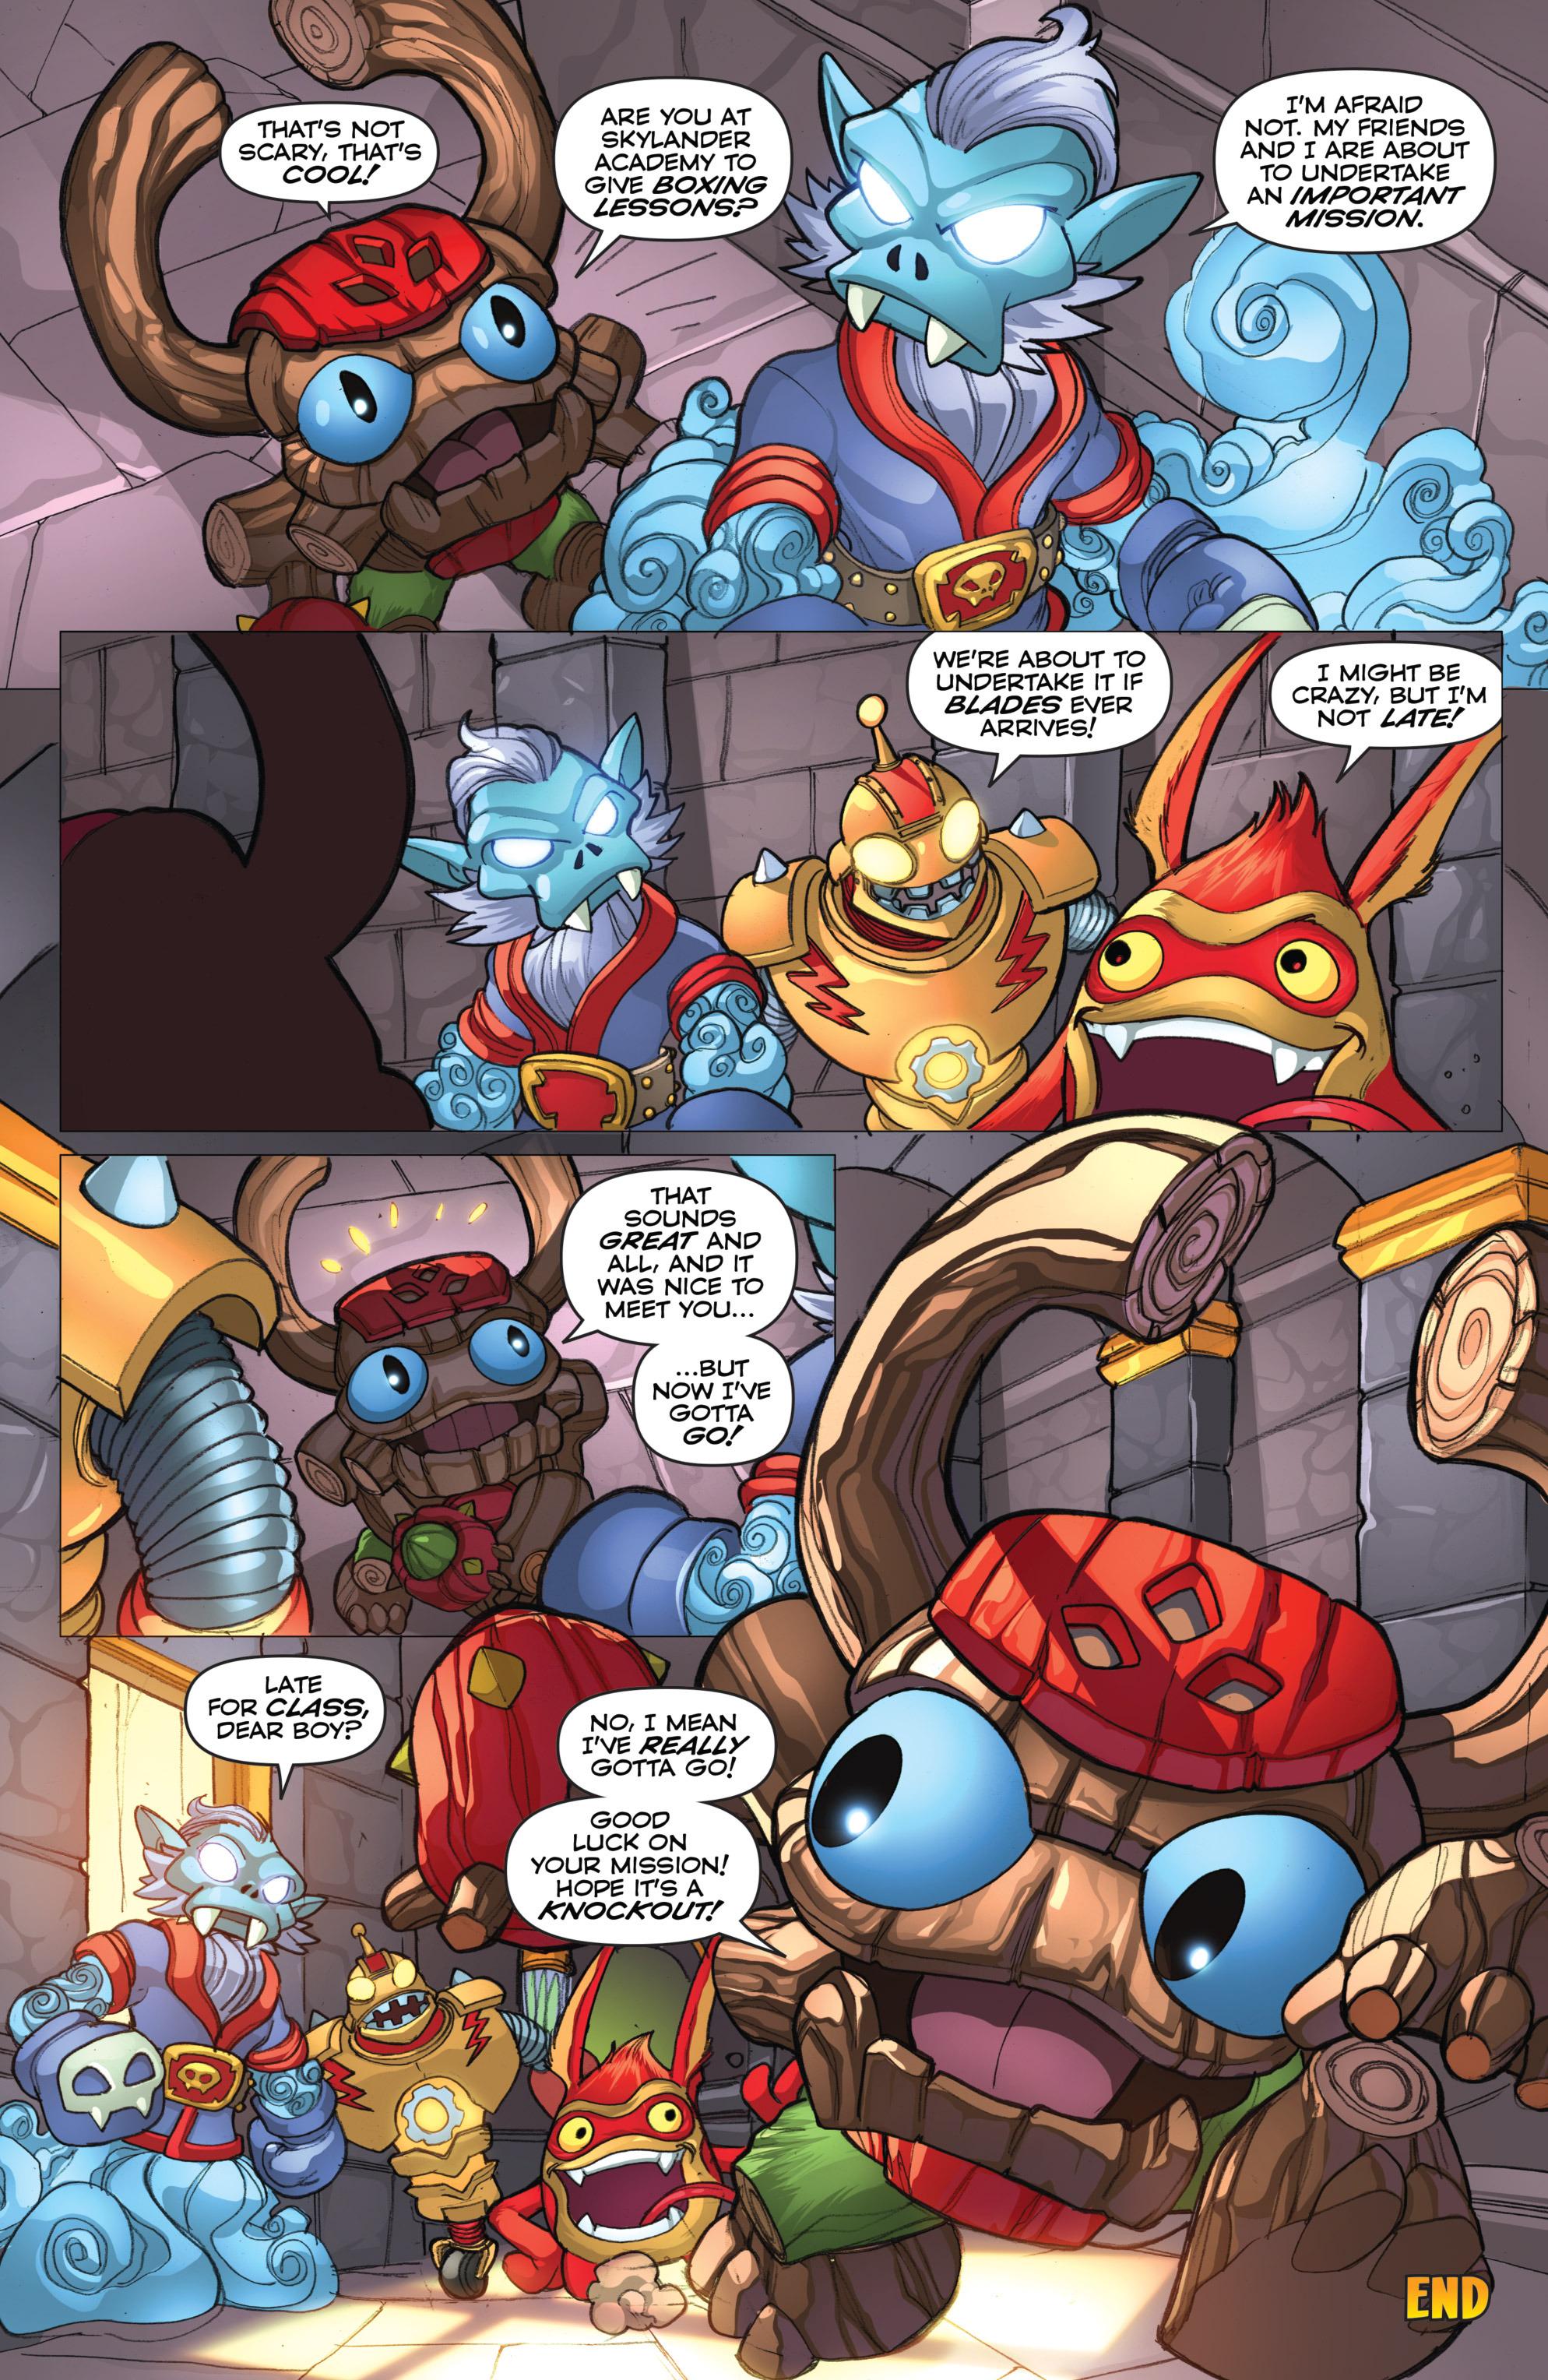 Read online Skylanders comic -  Issue #2 - 21